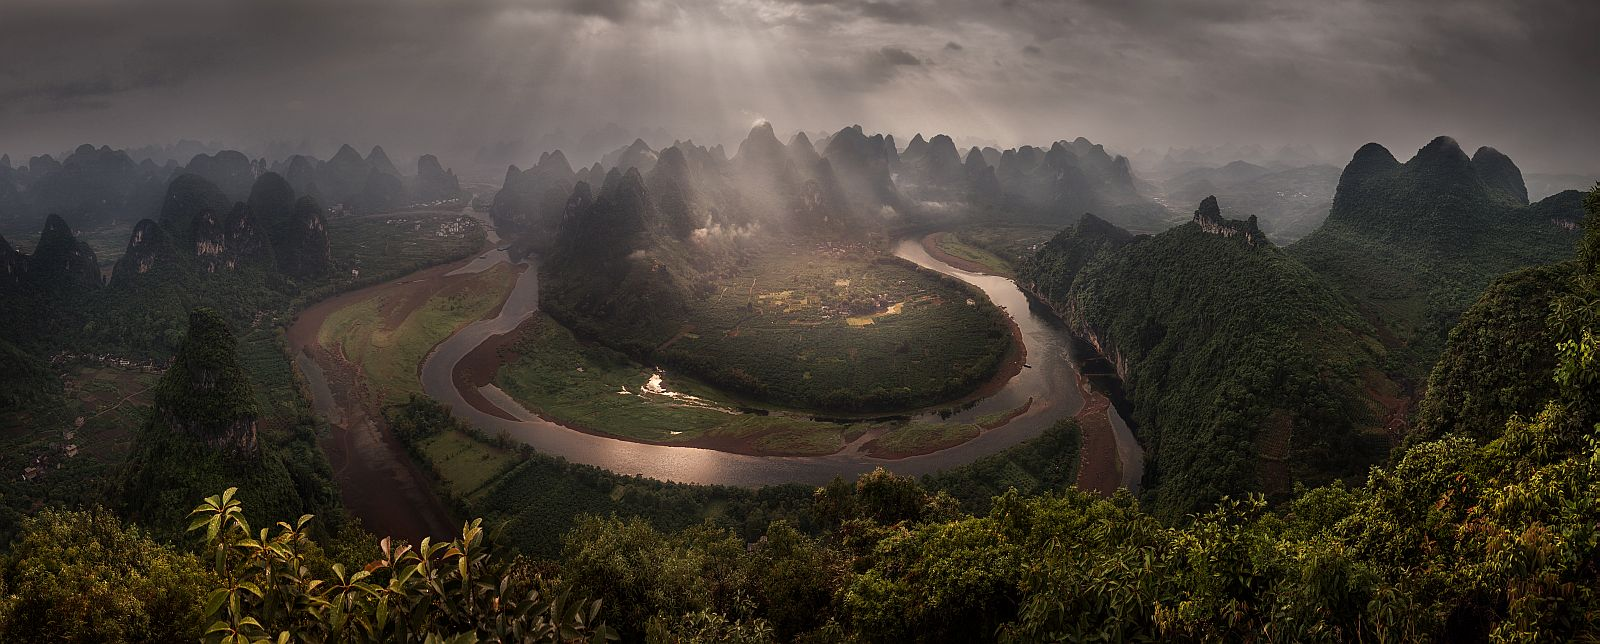 «Райское место». Первое место в «Special panoramic». Фото: Valeriy Shcherbina